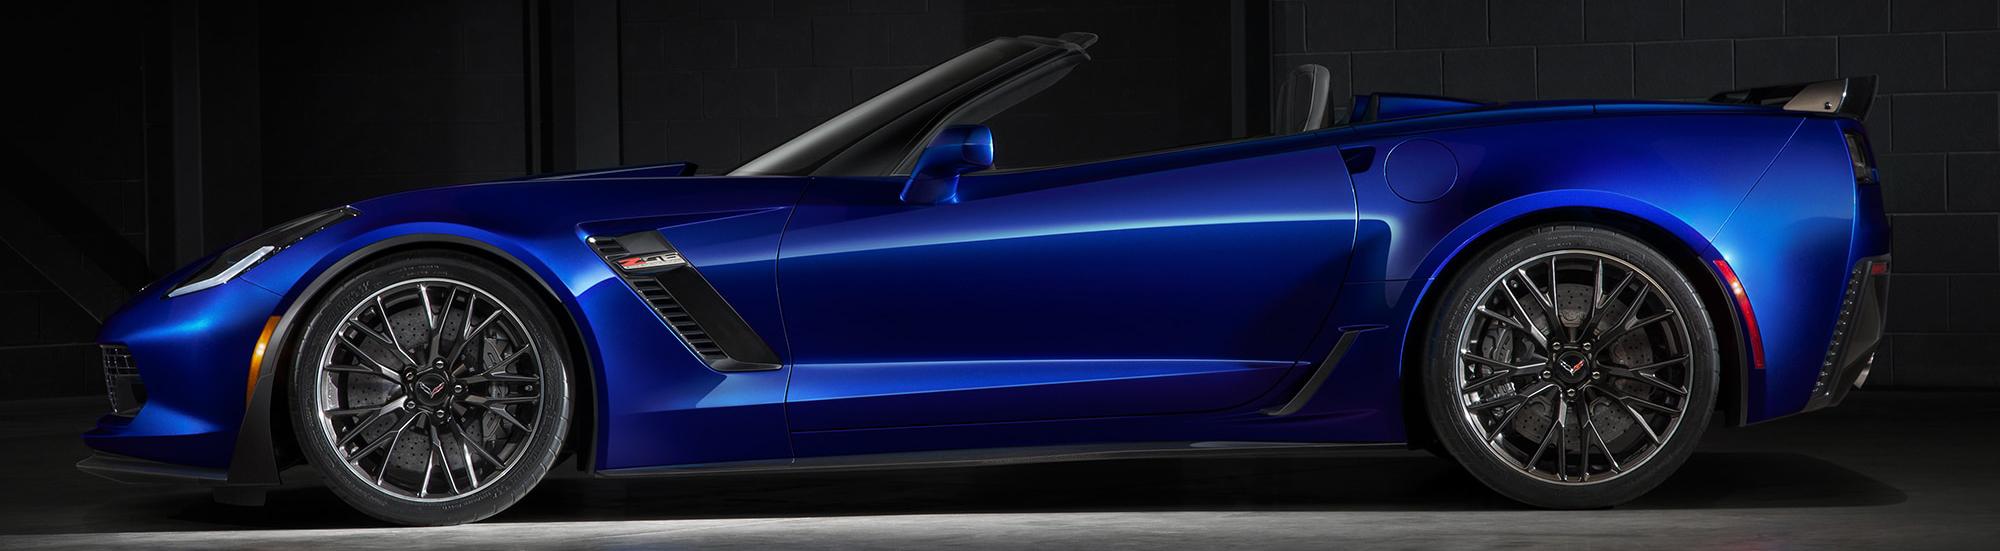 Kansas City Corvette Headquarters   New Corvette Dealer   In Merriam